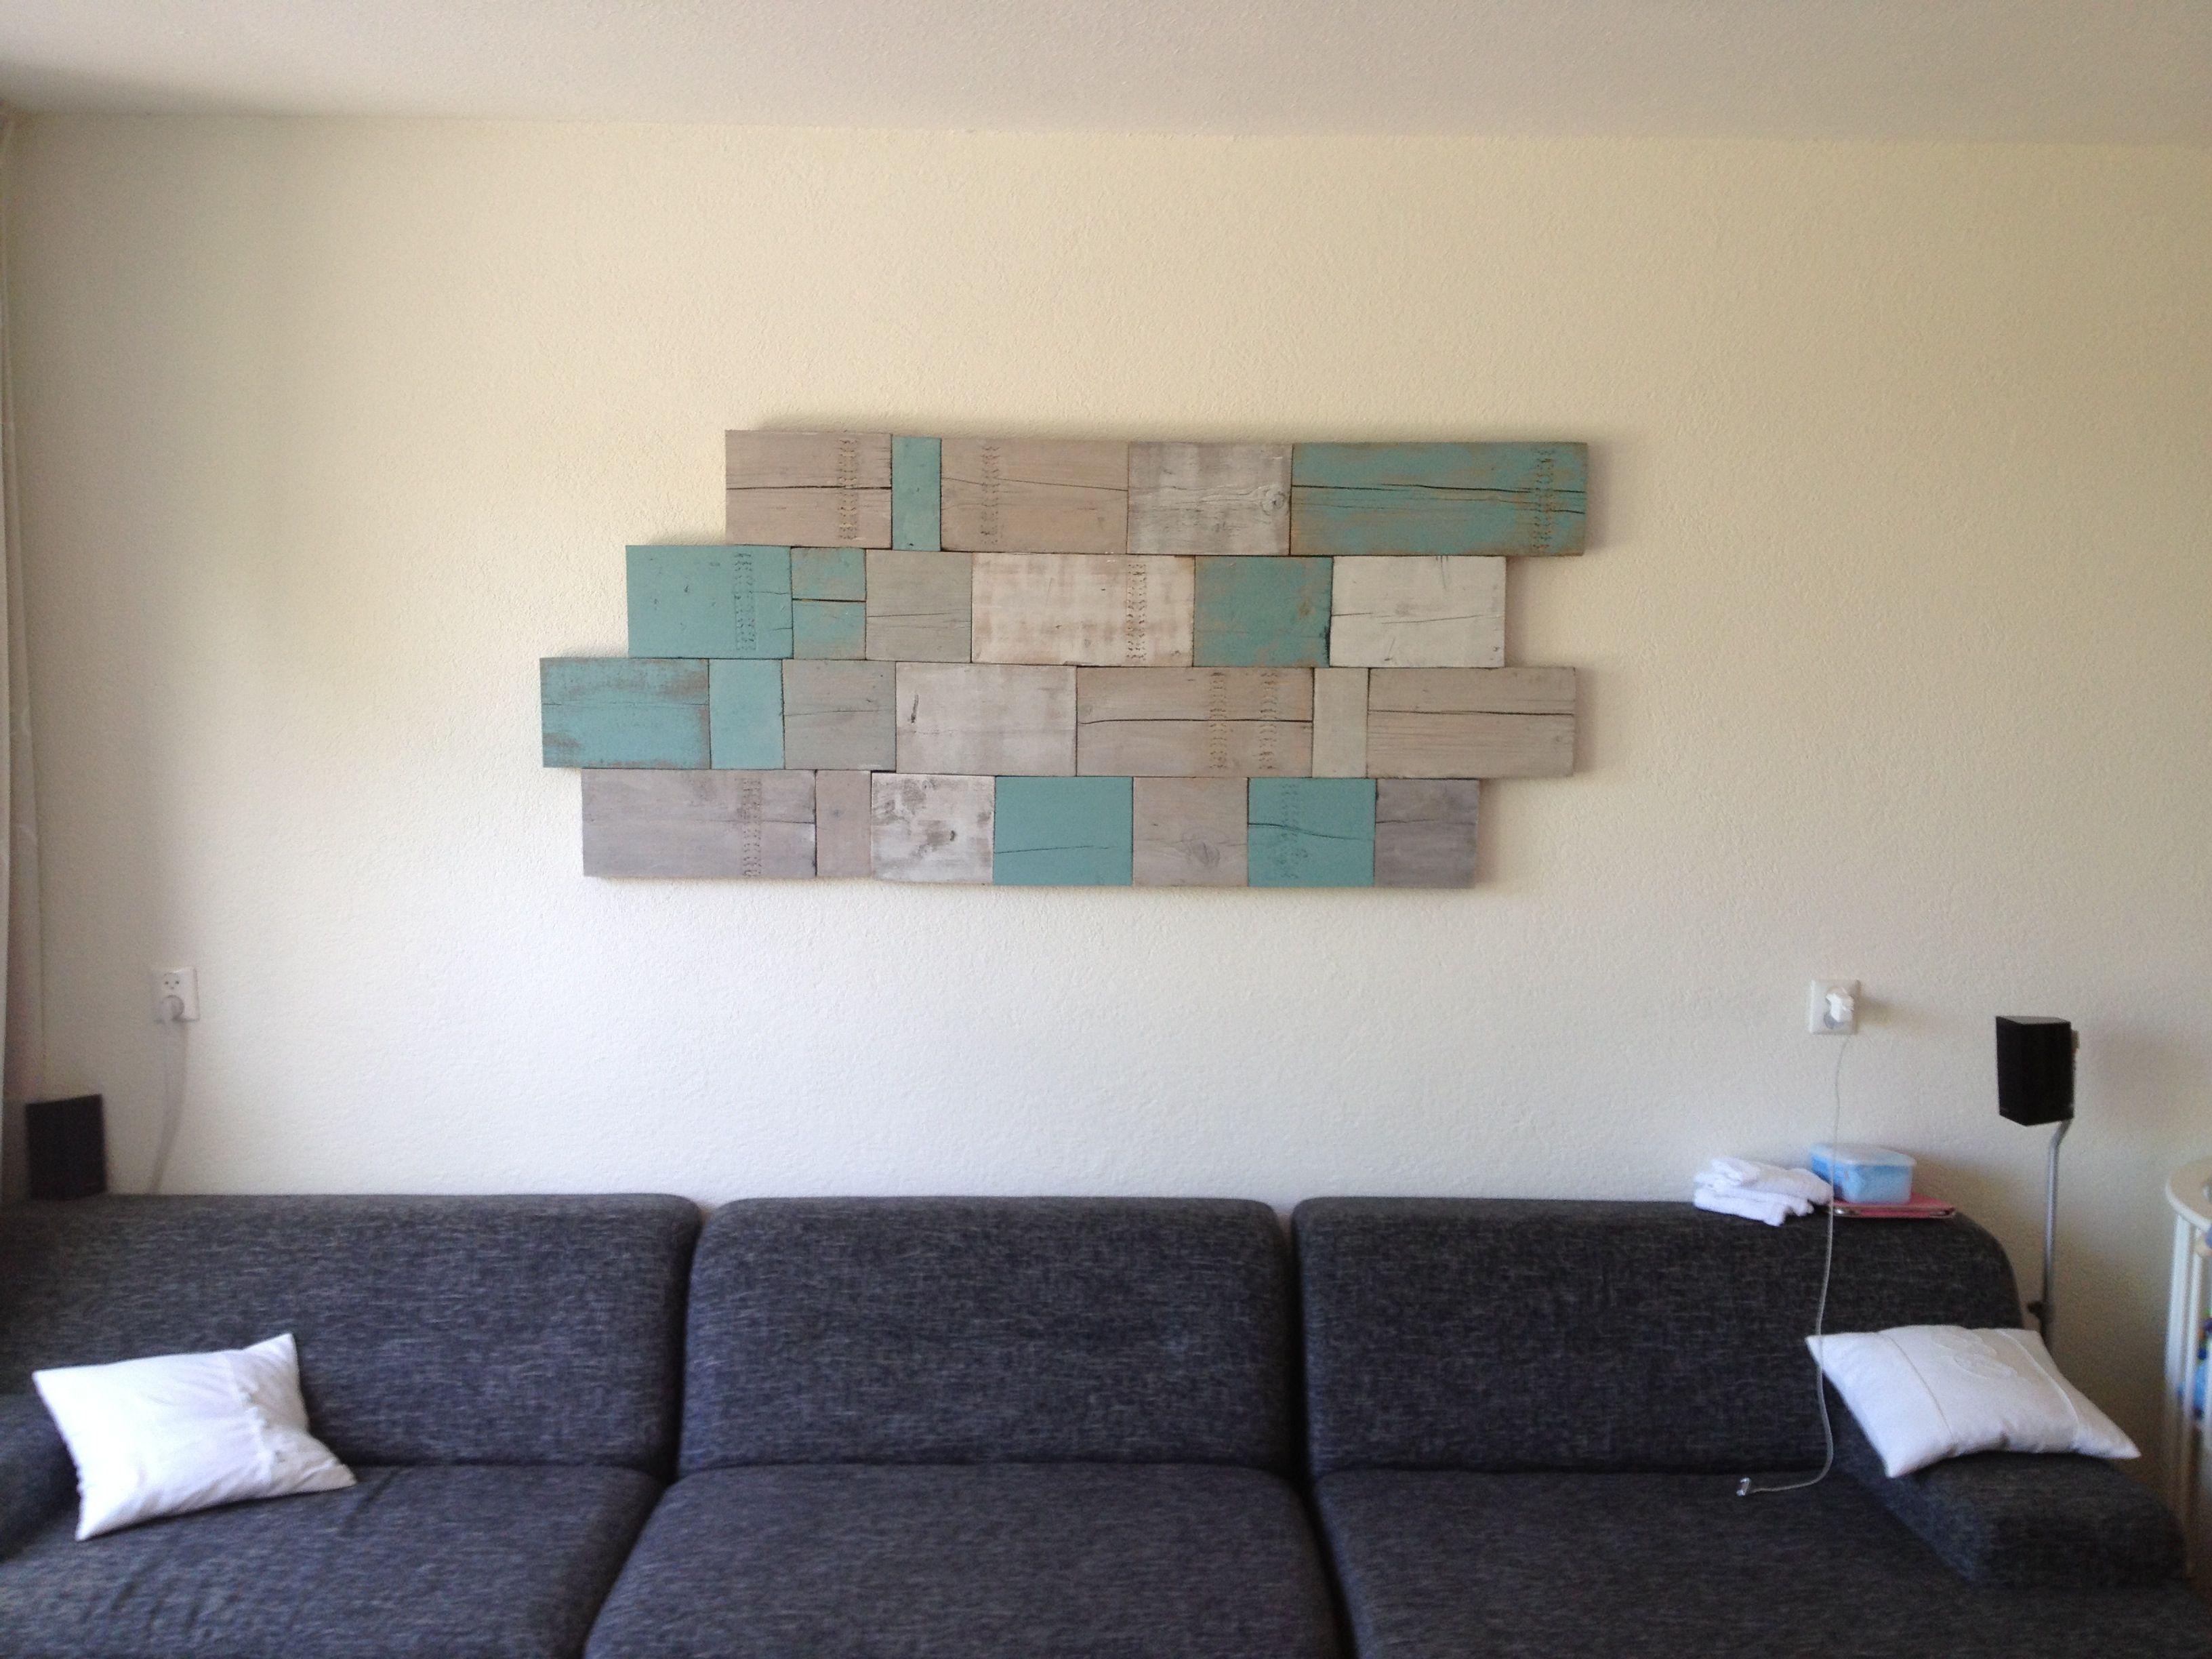 muurdecoratie gemaakt van resthout (steigerhout) verf en houtzeep, Deco ideeën